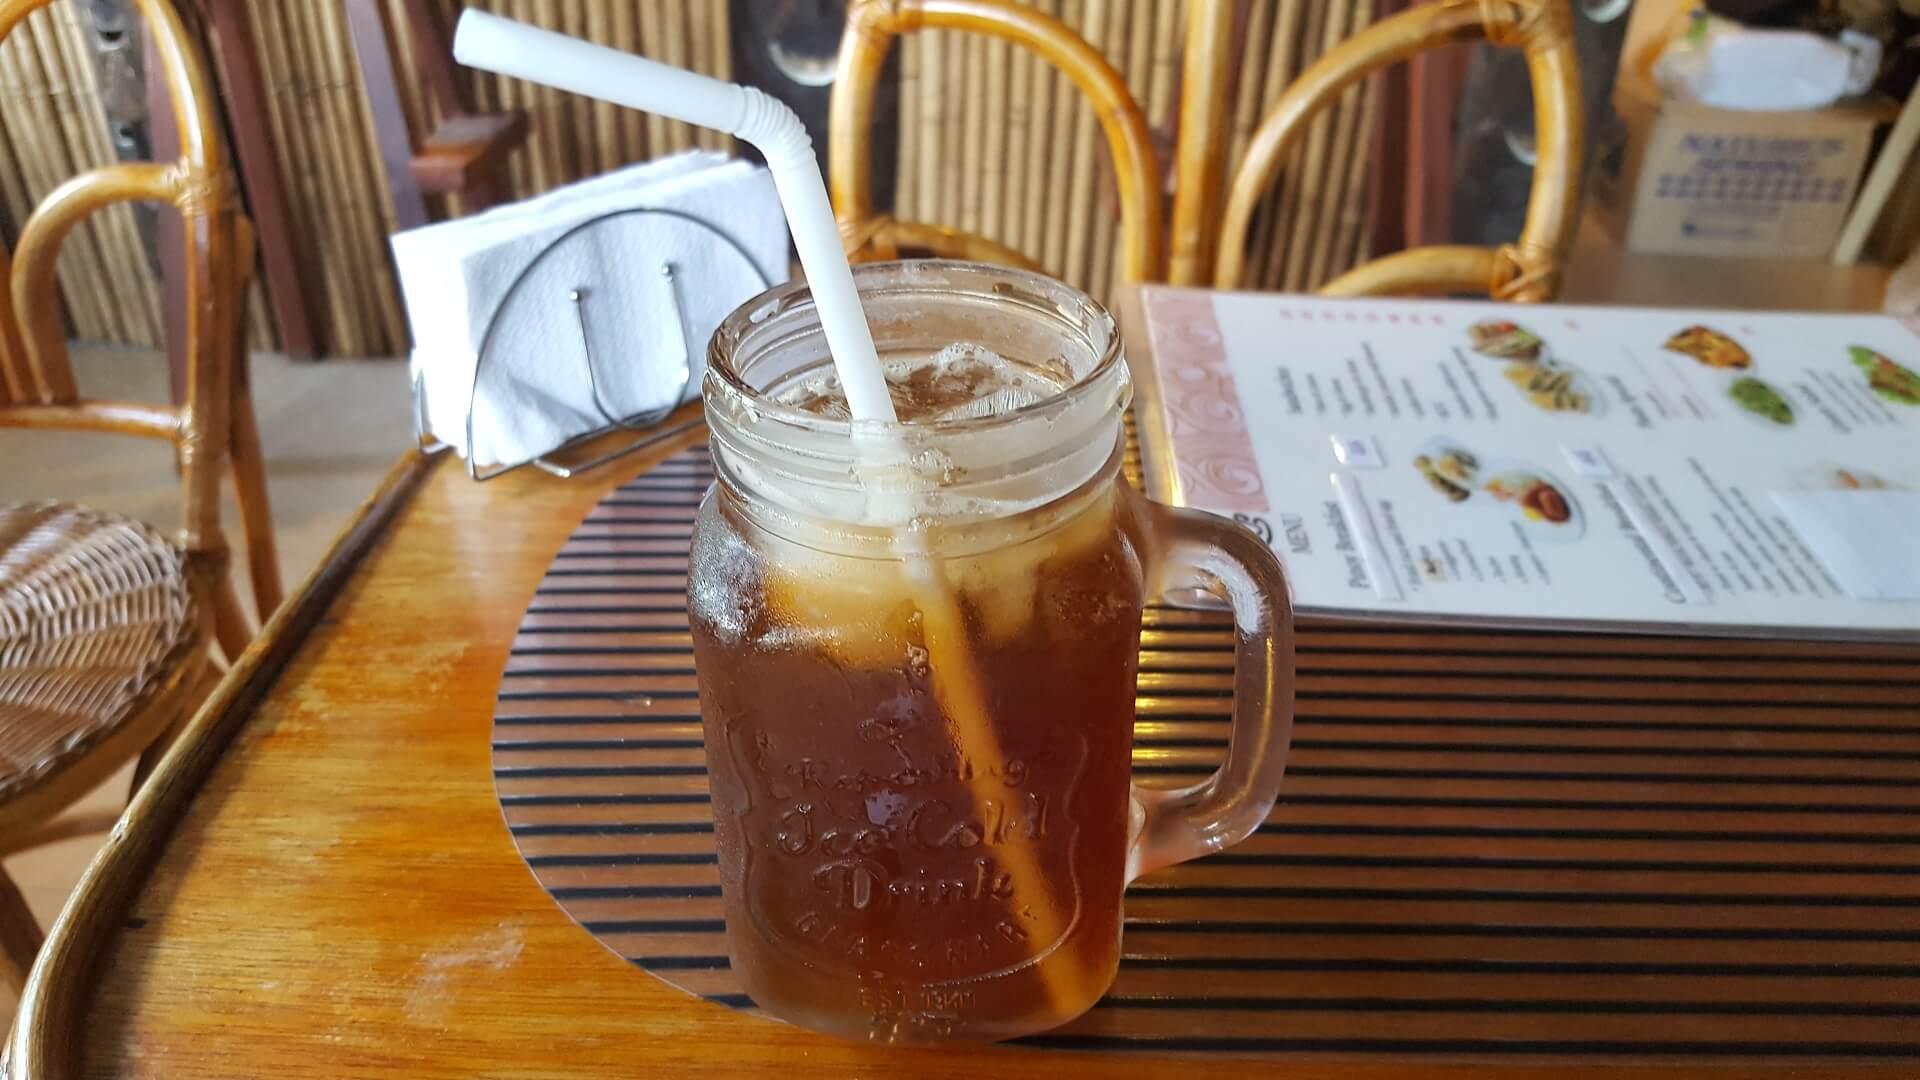 エルニドのカフェDelinido Coffeehouseで飲んだお茶の写真